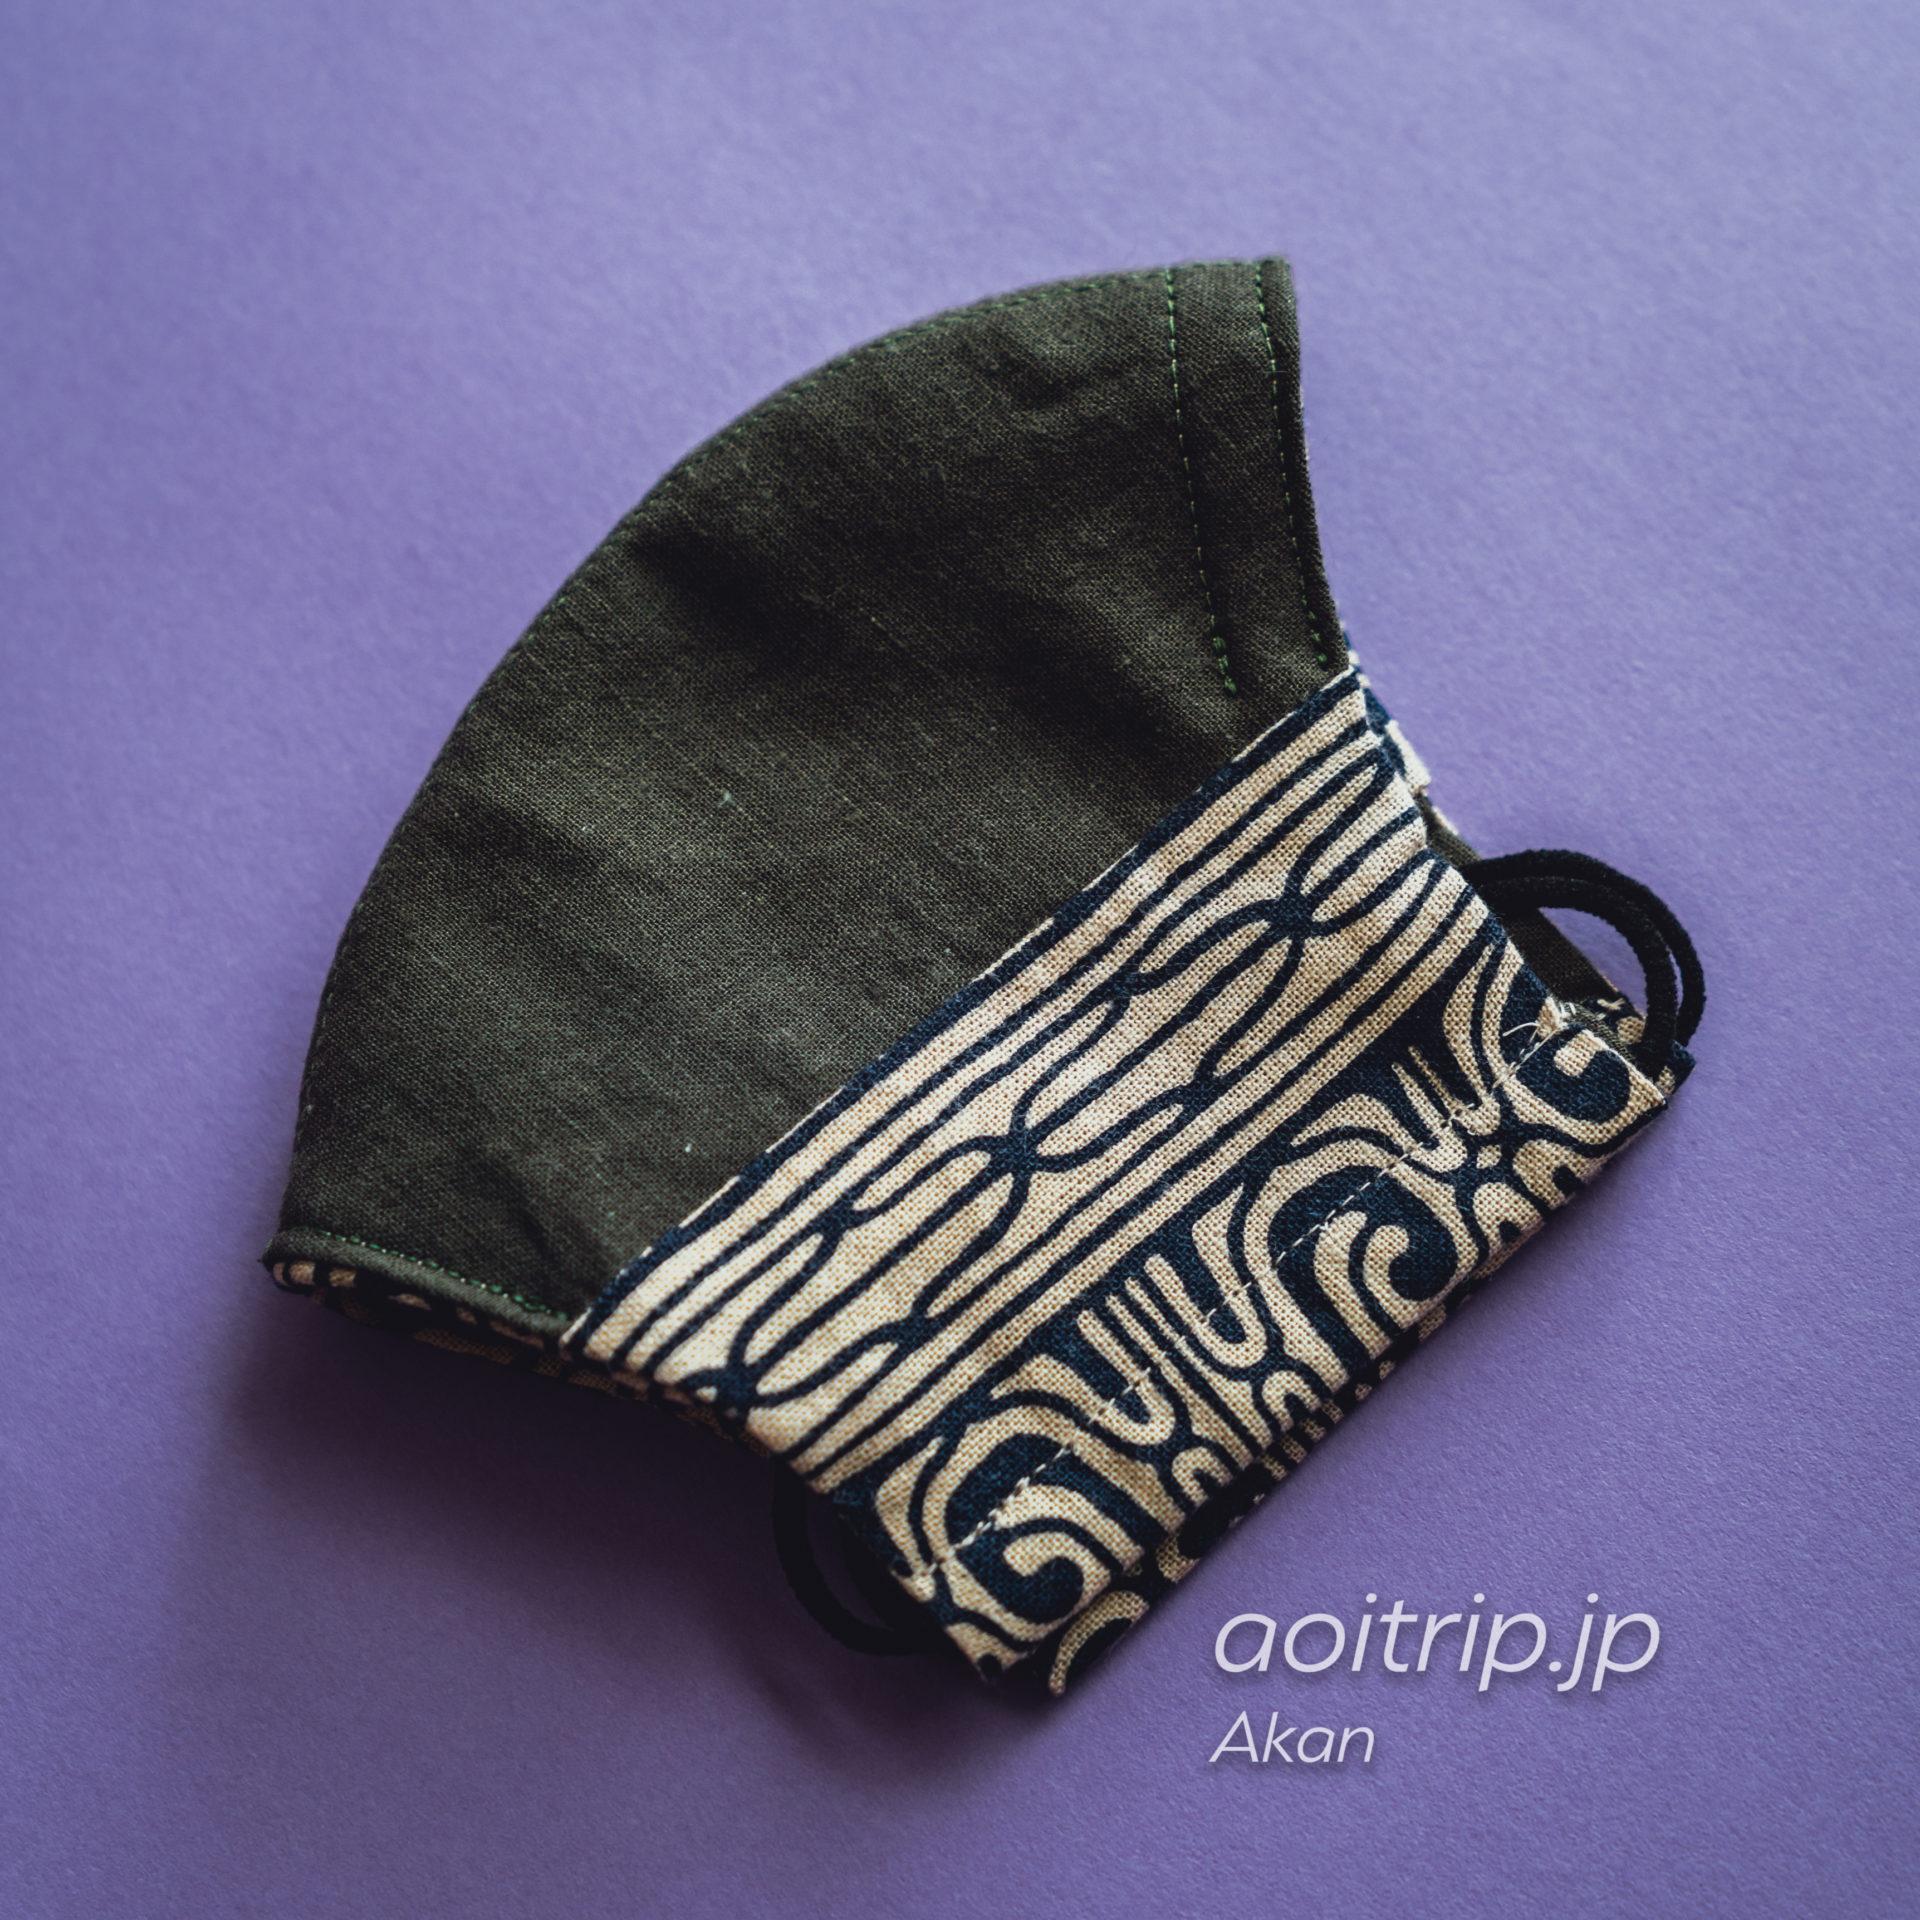 阿寒湖アイヌコタン Ainu Kotan アイヌ文様の手作りマスク